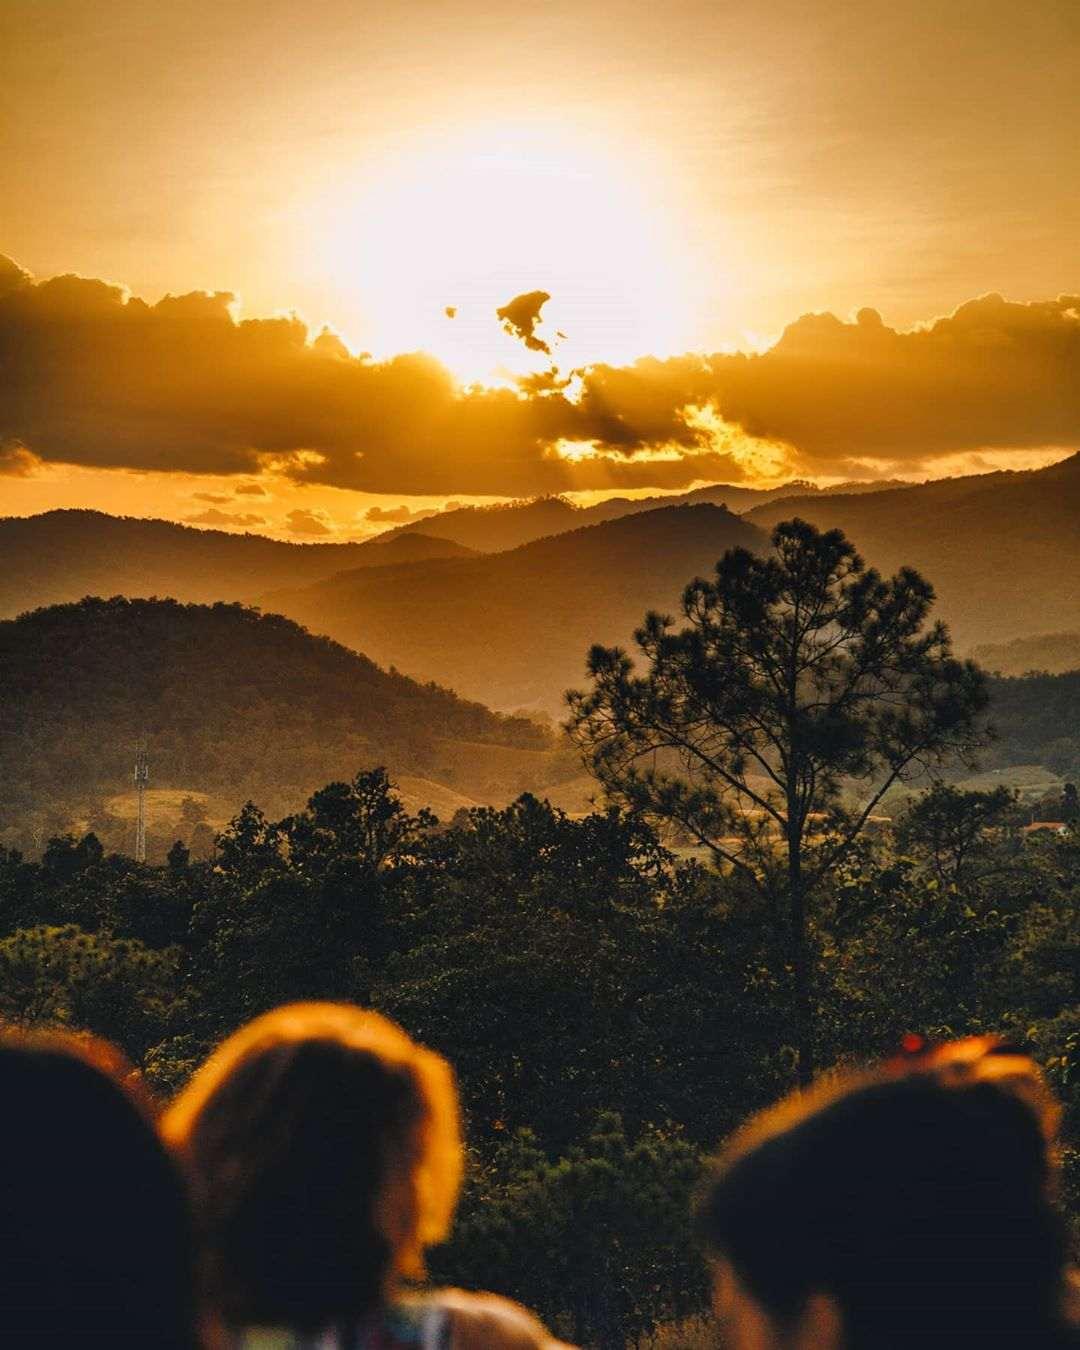 Zon onder zien gaan met de heuvels van Pai op de achtergrond